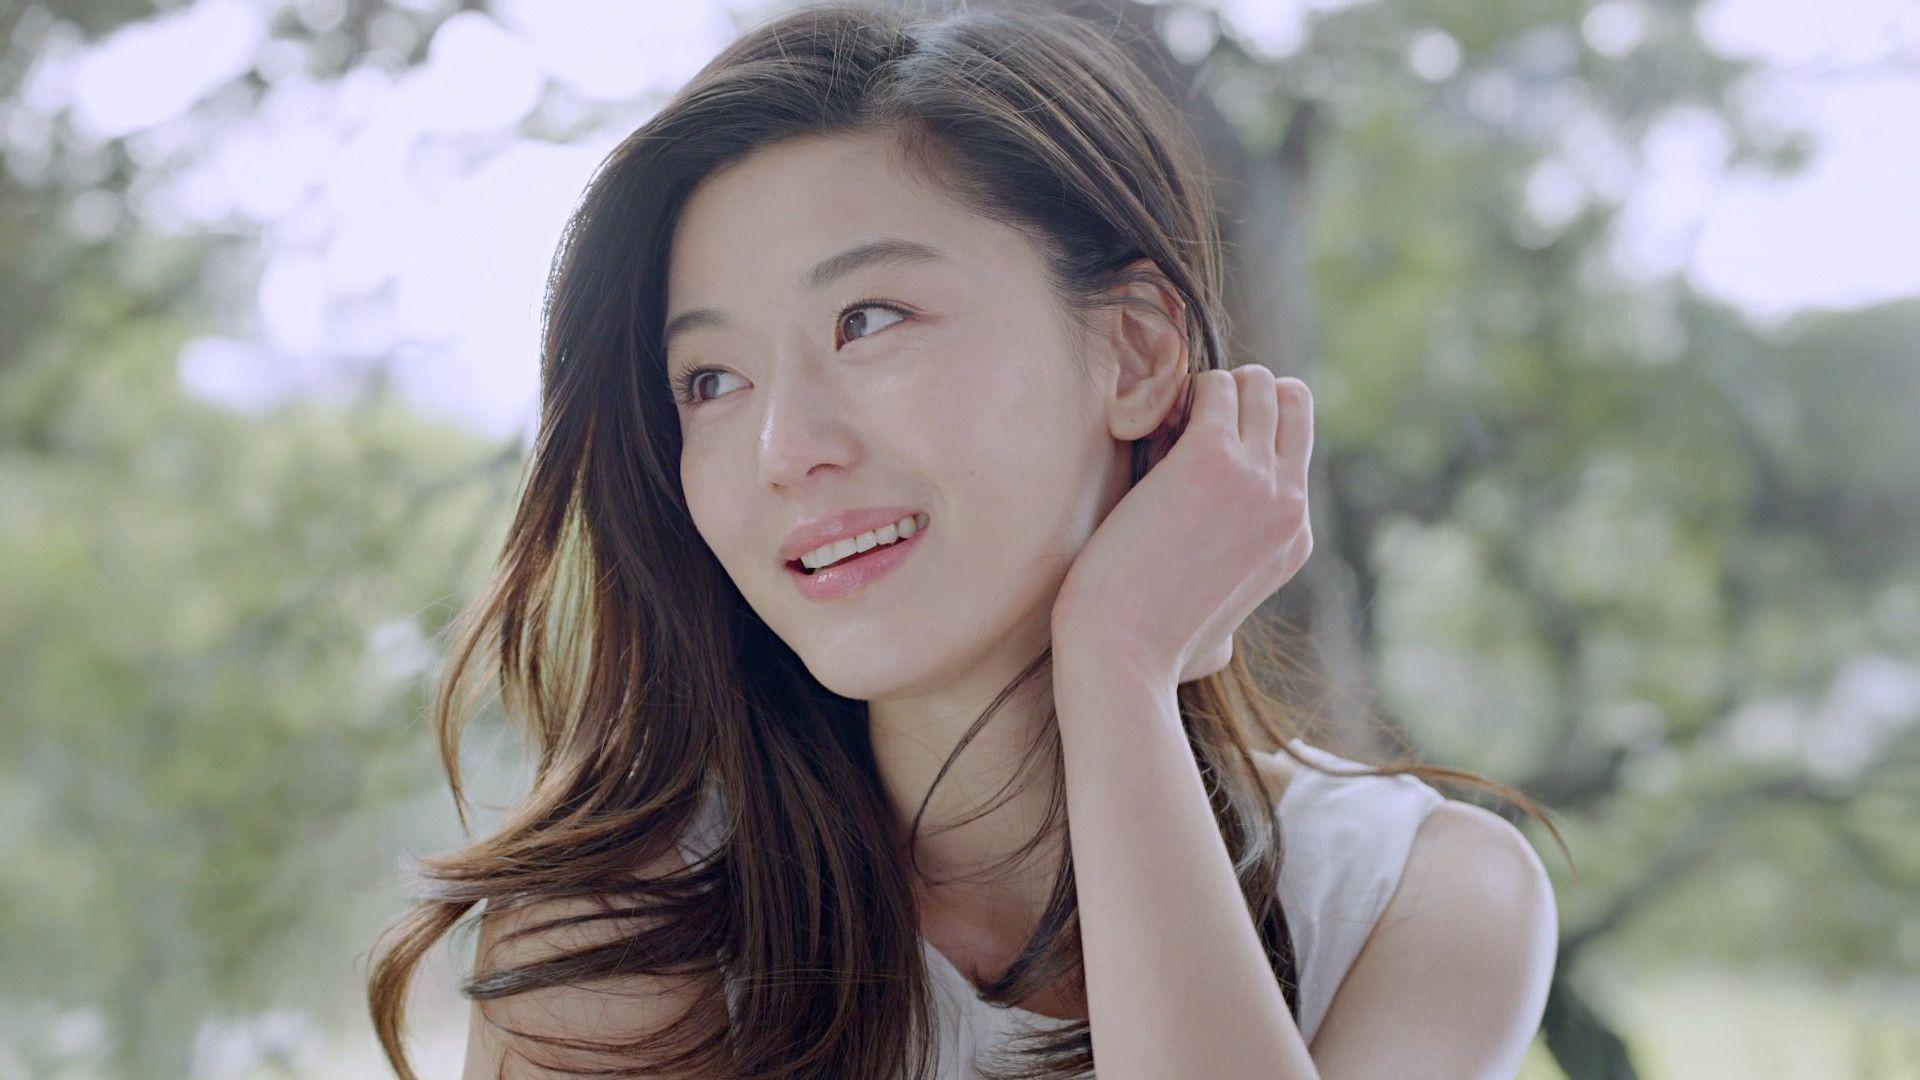 韩国三级一男一女被监禁很多韩国大牌明星如